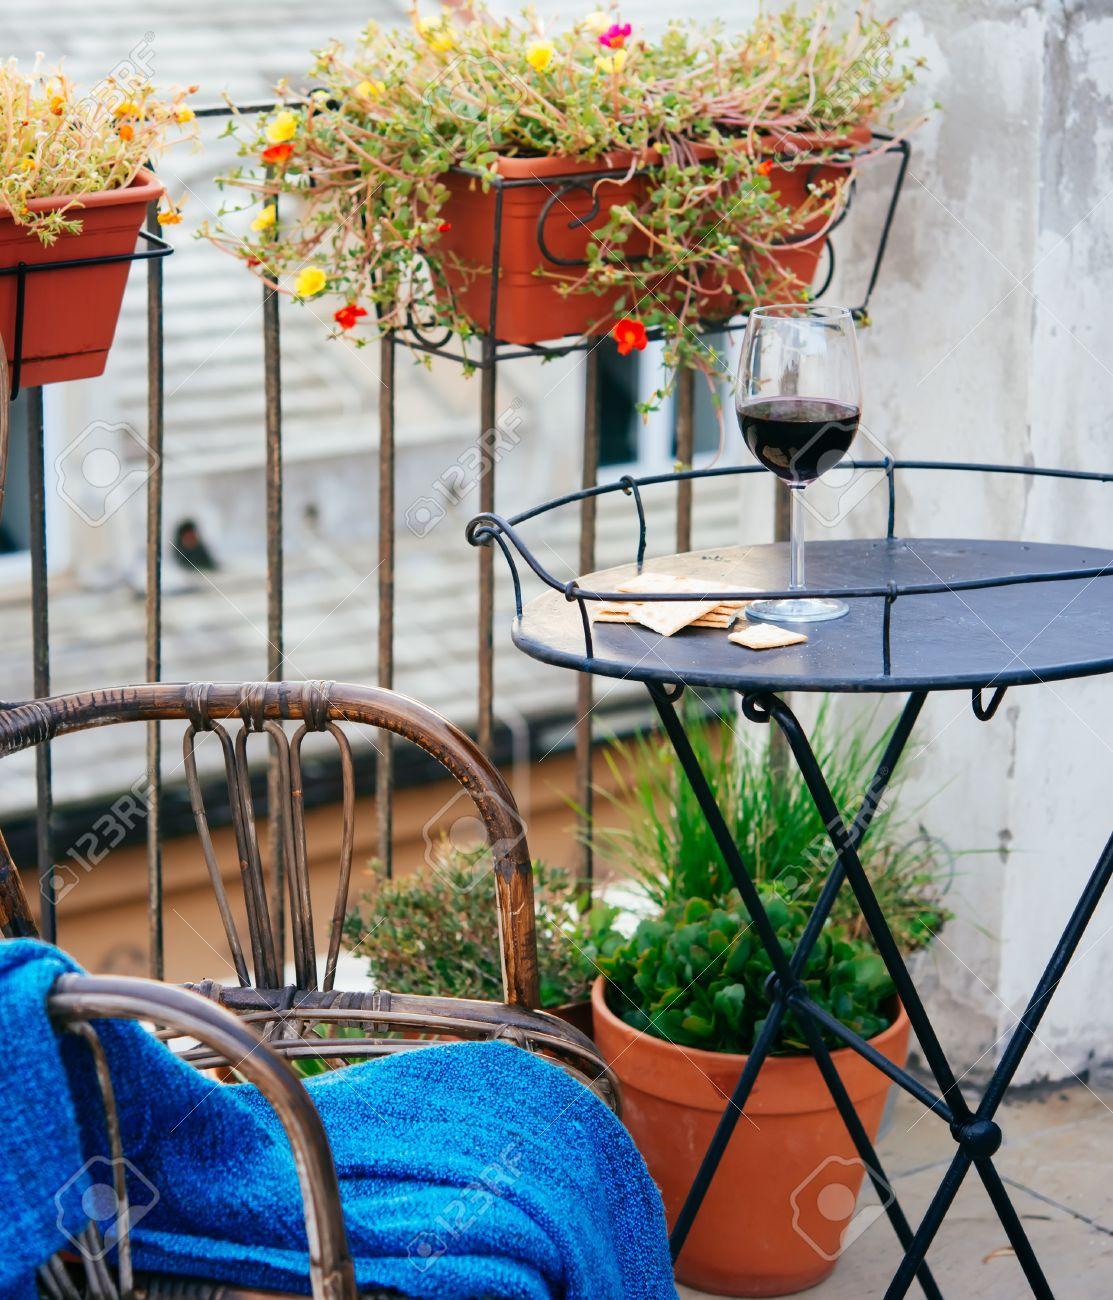 belle terrasse ou balcon avec petite table en fer chaise et verre a vin